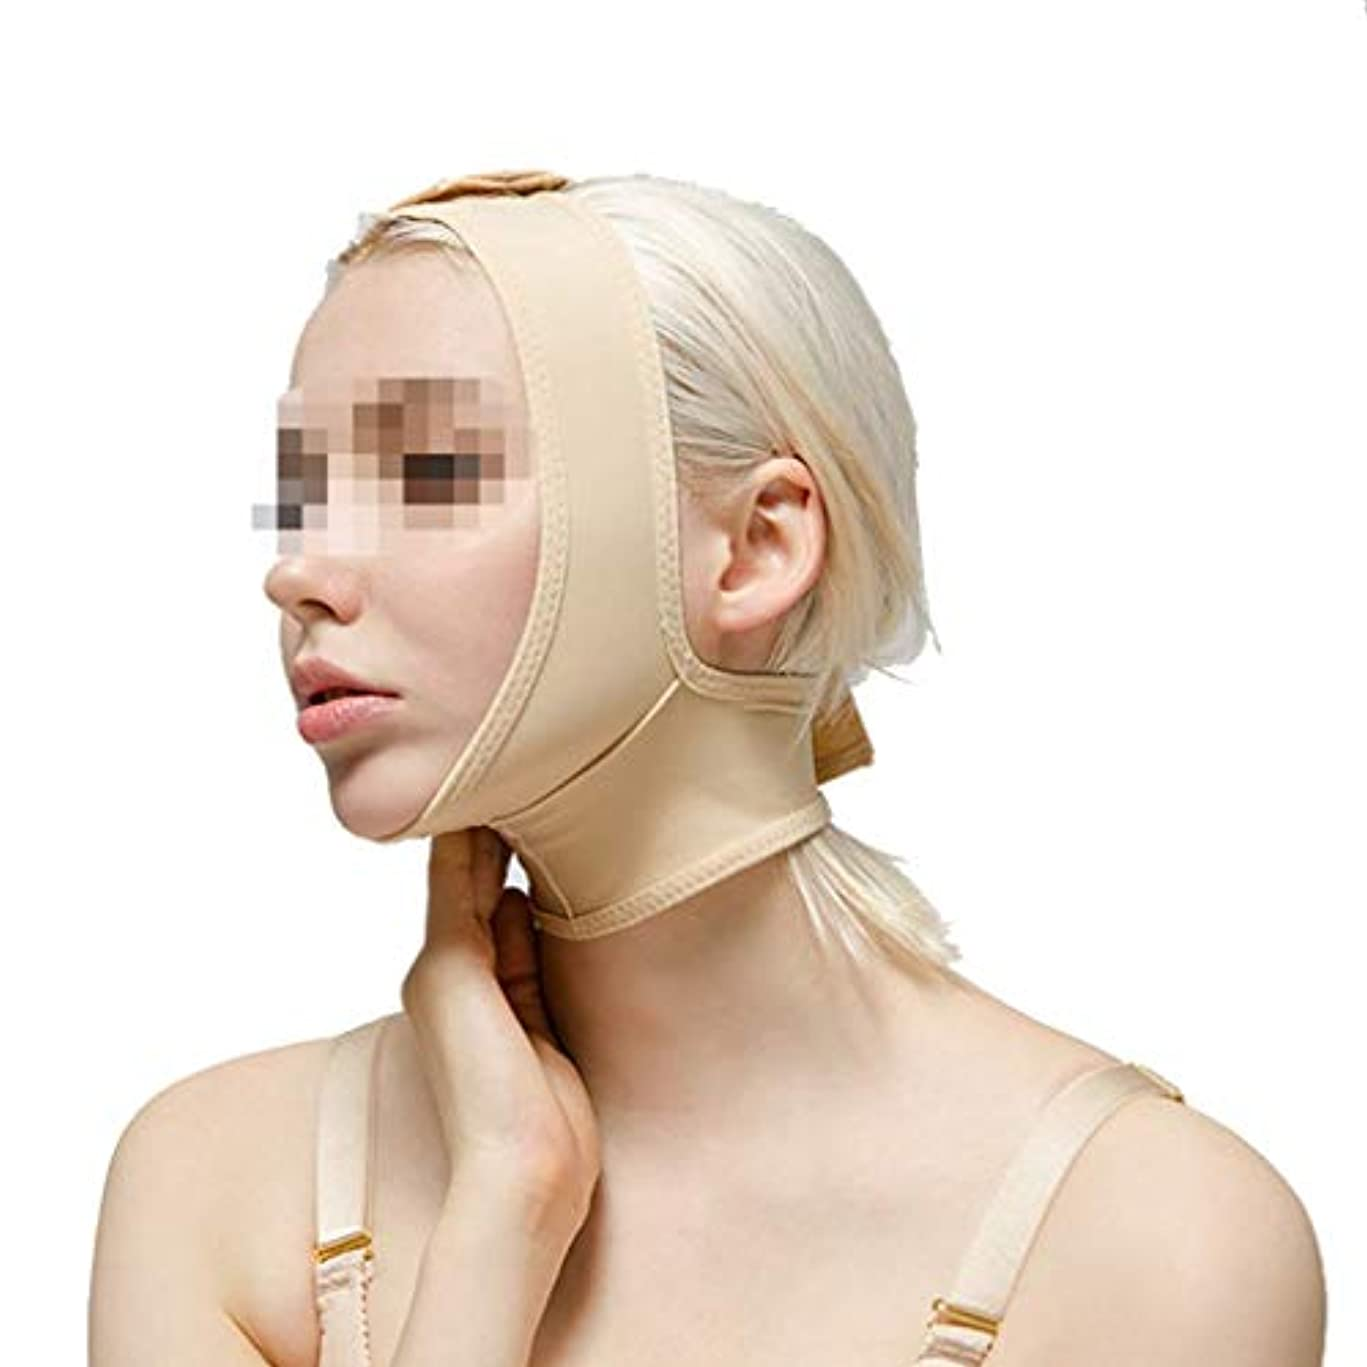 術後伸縮性スリーブ、下顎束フェイスバンデージフェイシャルビームダブルチンシンフェイスマスクマルチサイズオプション(サイズ:L),XS